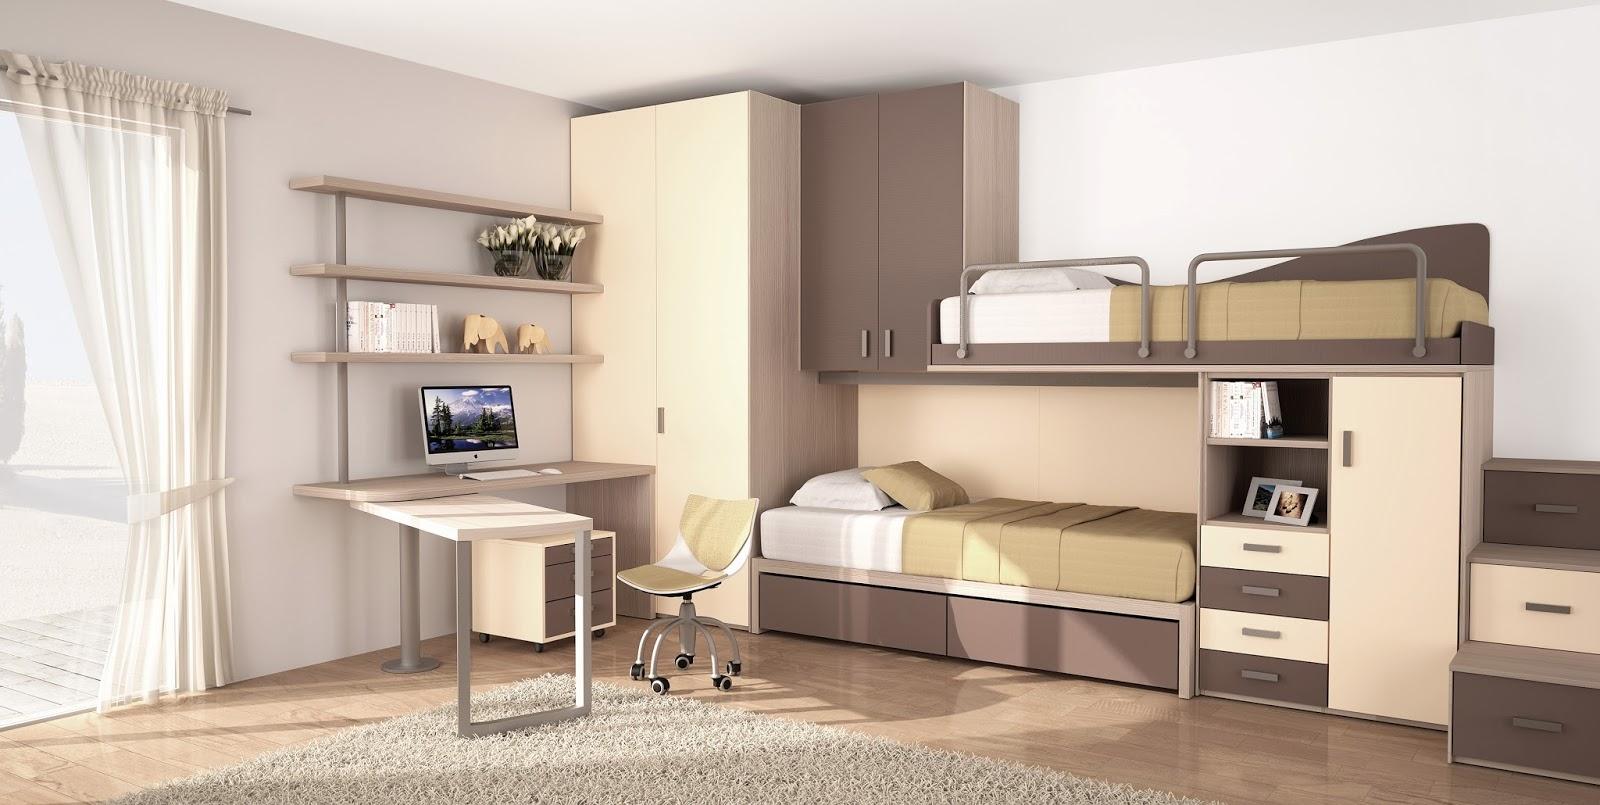 Camerette a soppalco con scrivania e armadio - Pensili sopra letto ...